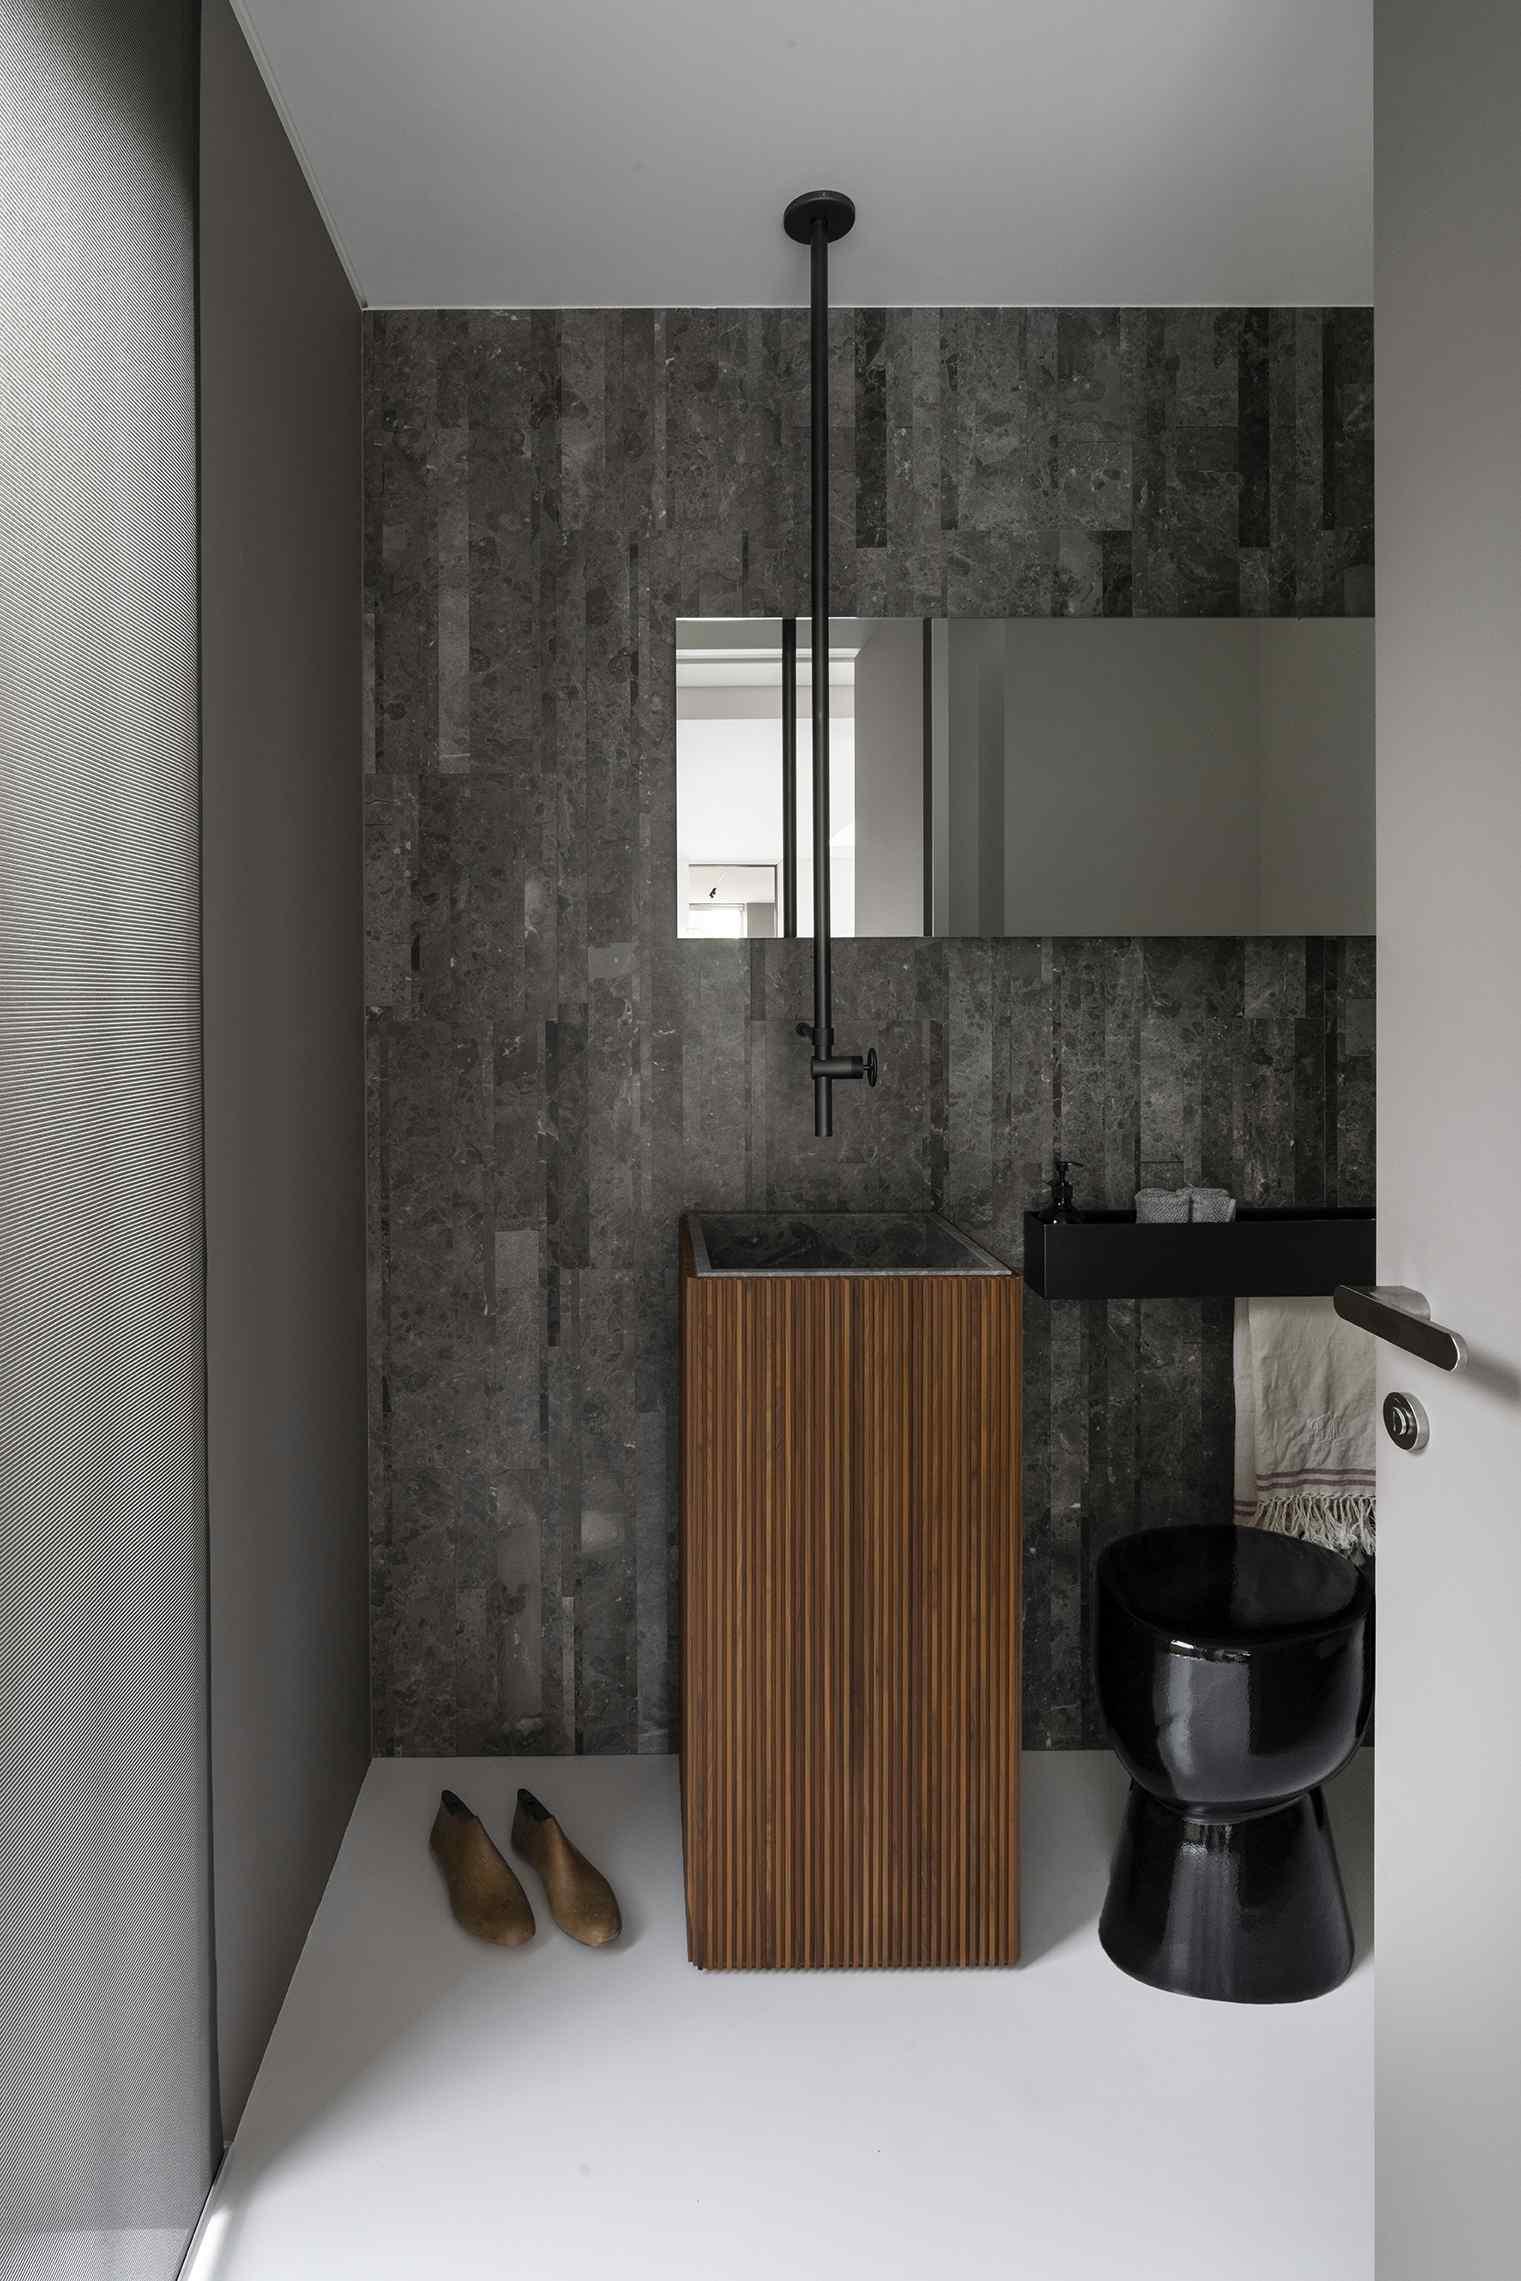 Sivá kúpeľňa s hranatým dreveným umývadlom